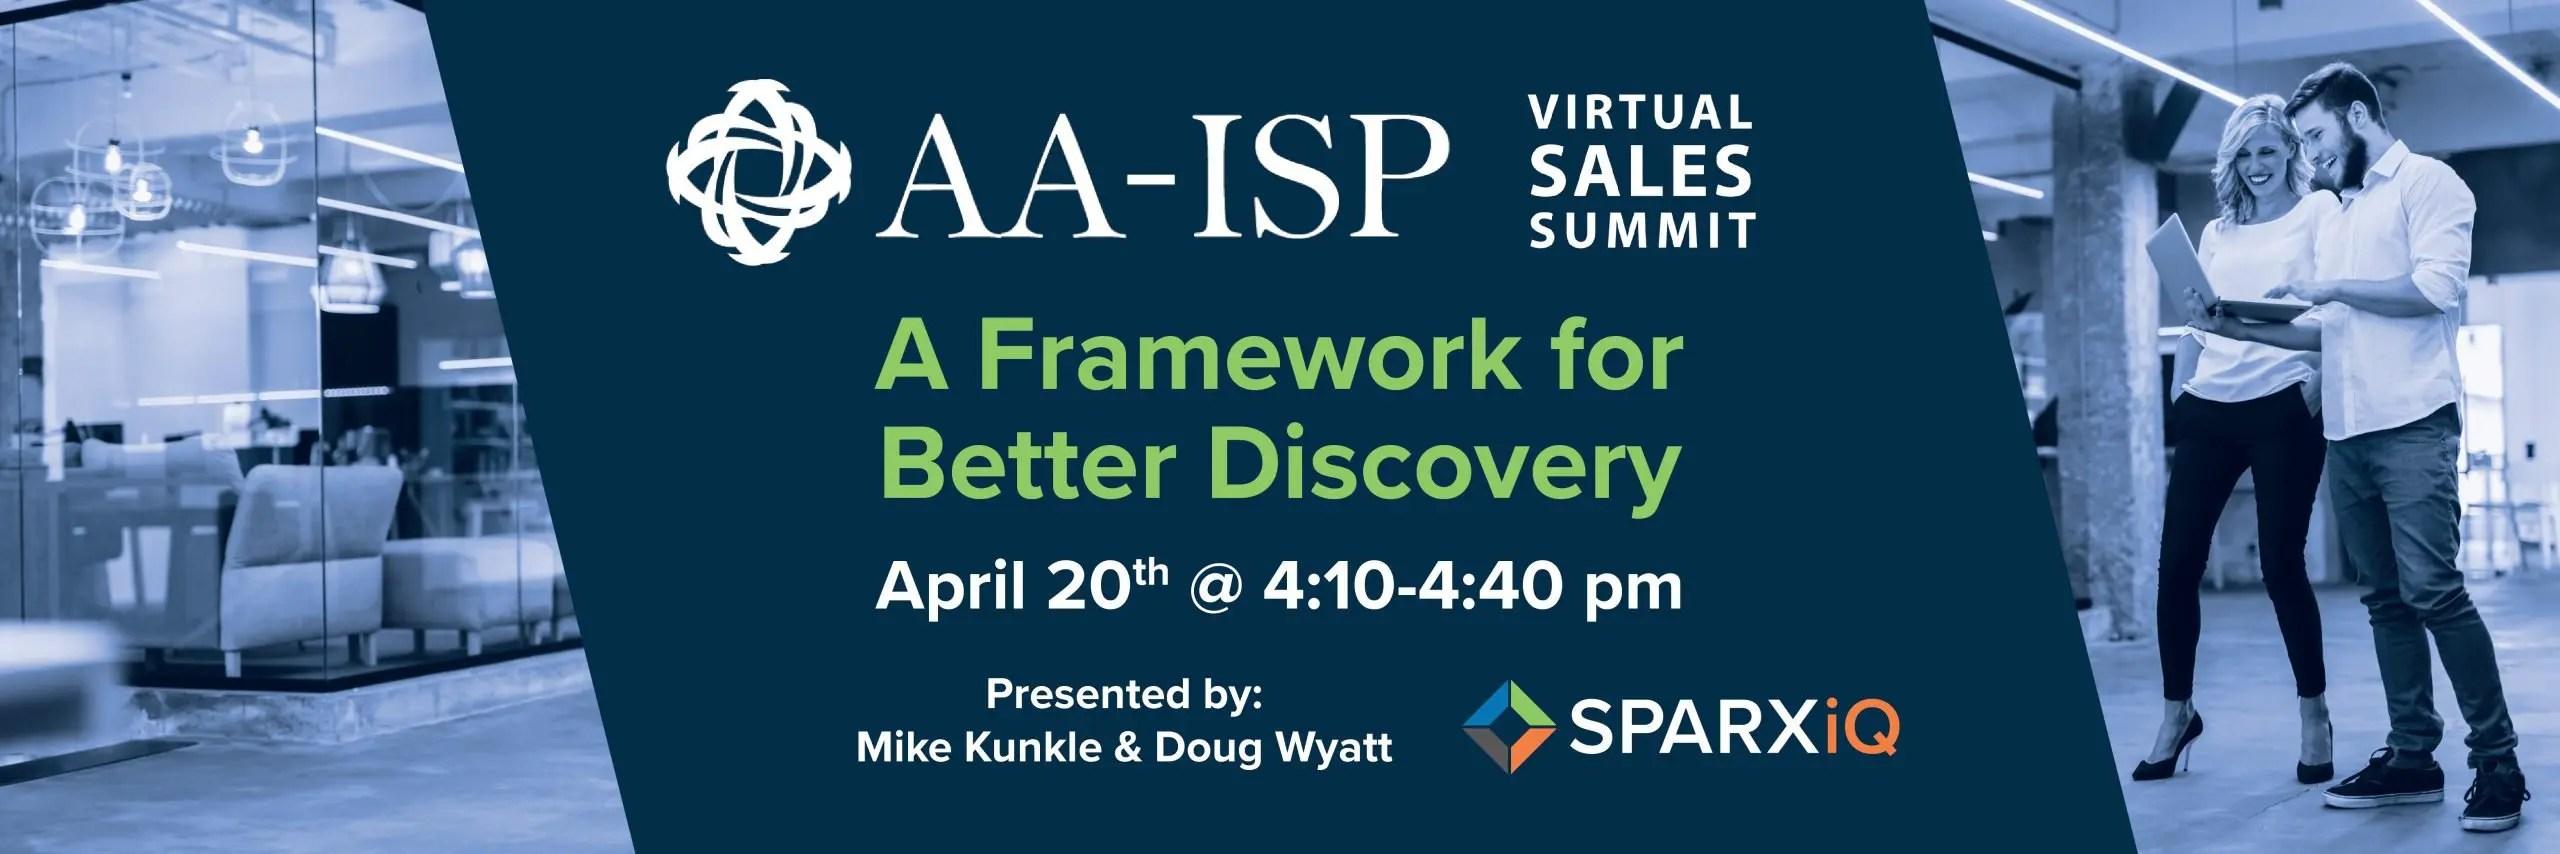 aa-isp virtual summit